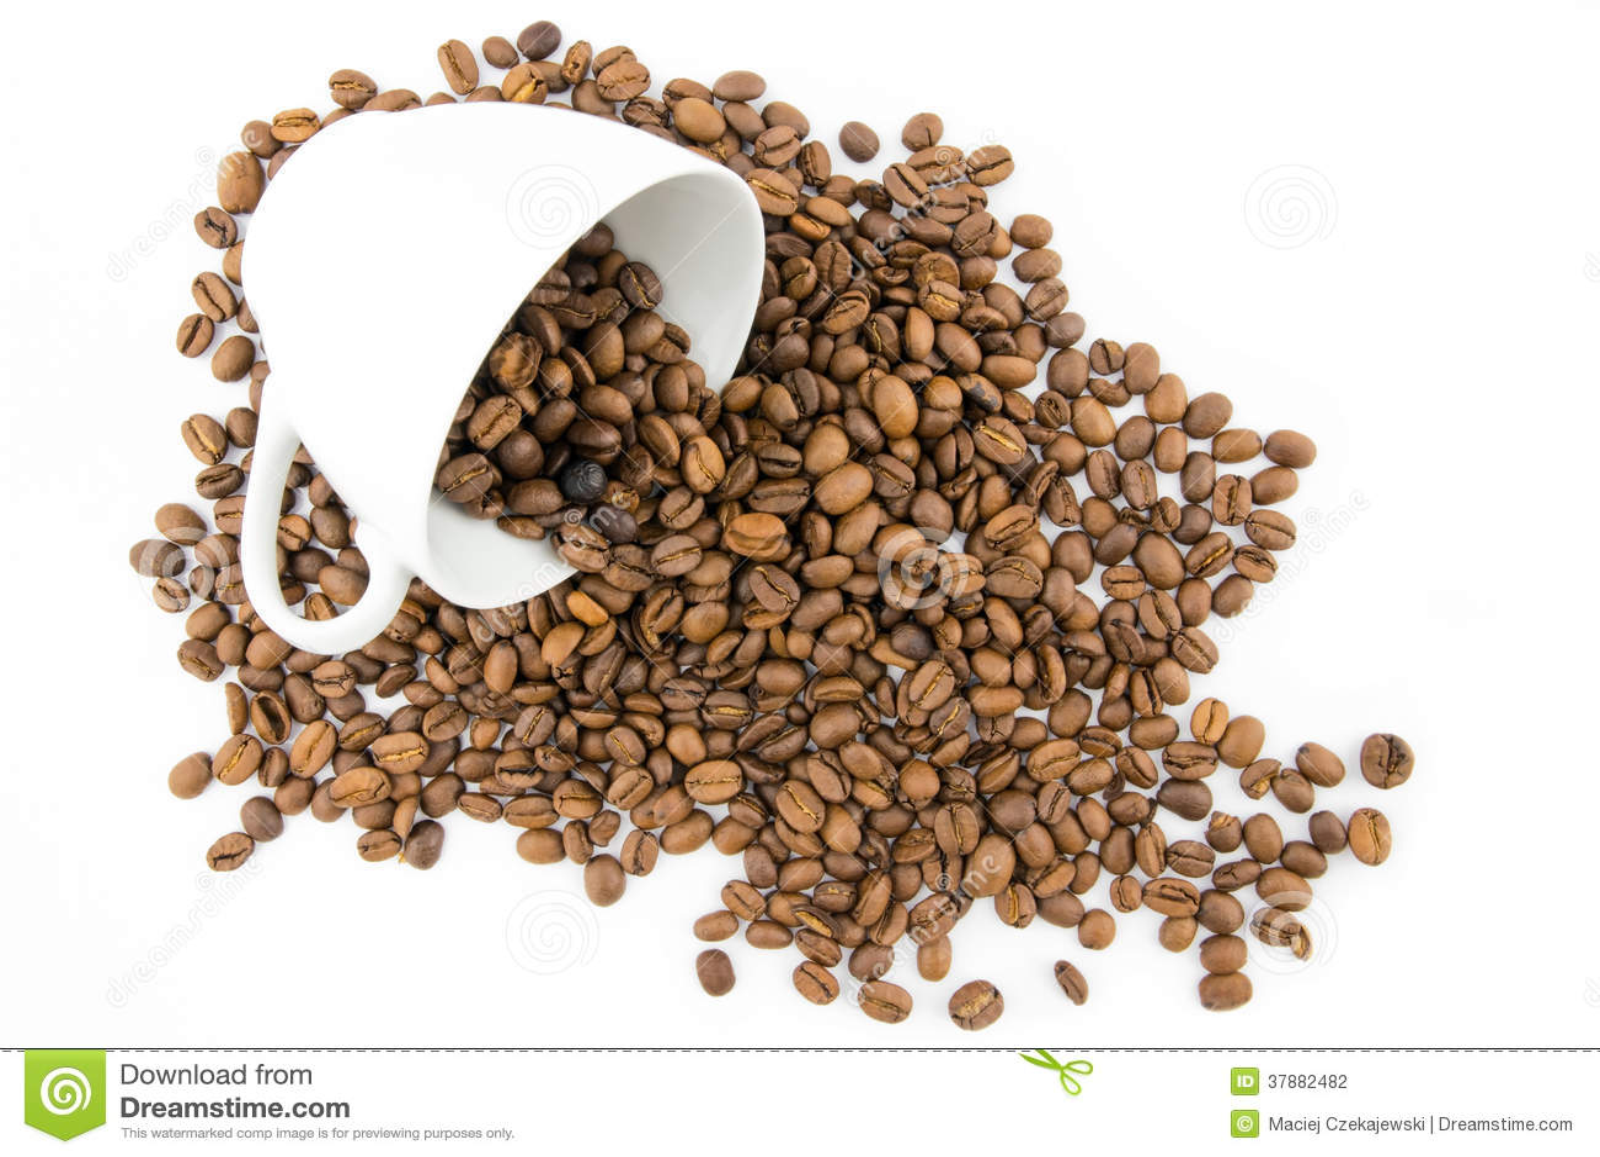 Kop met koffiebonen die wordt gevuld